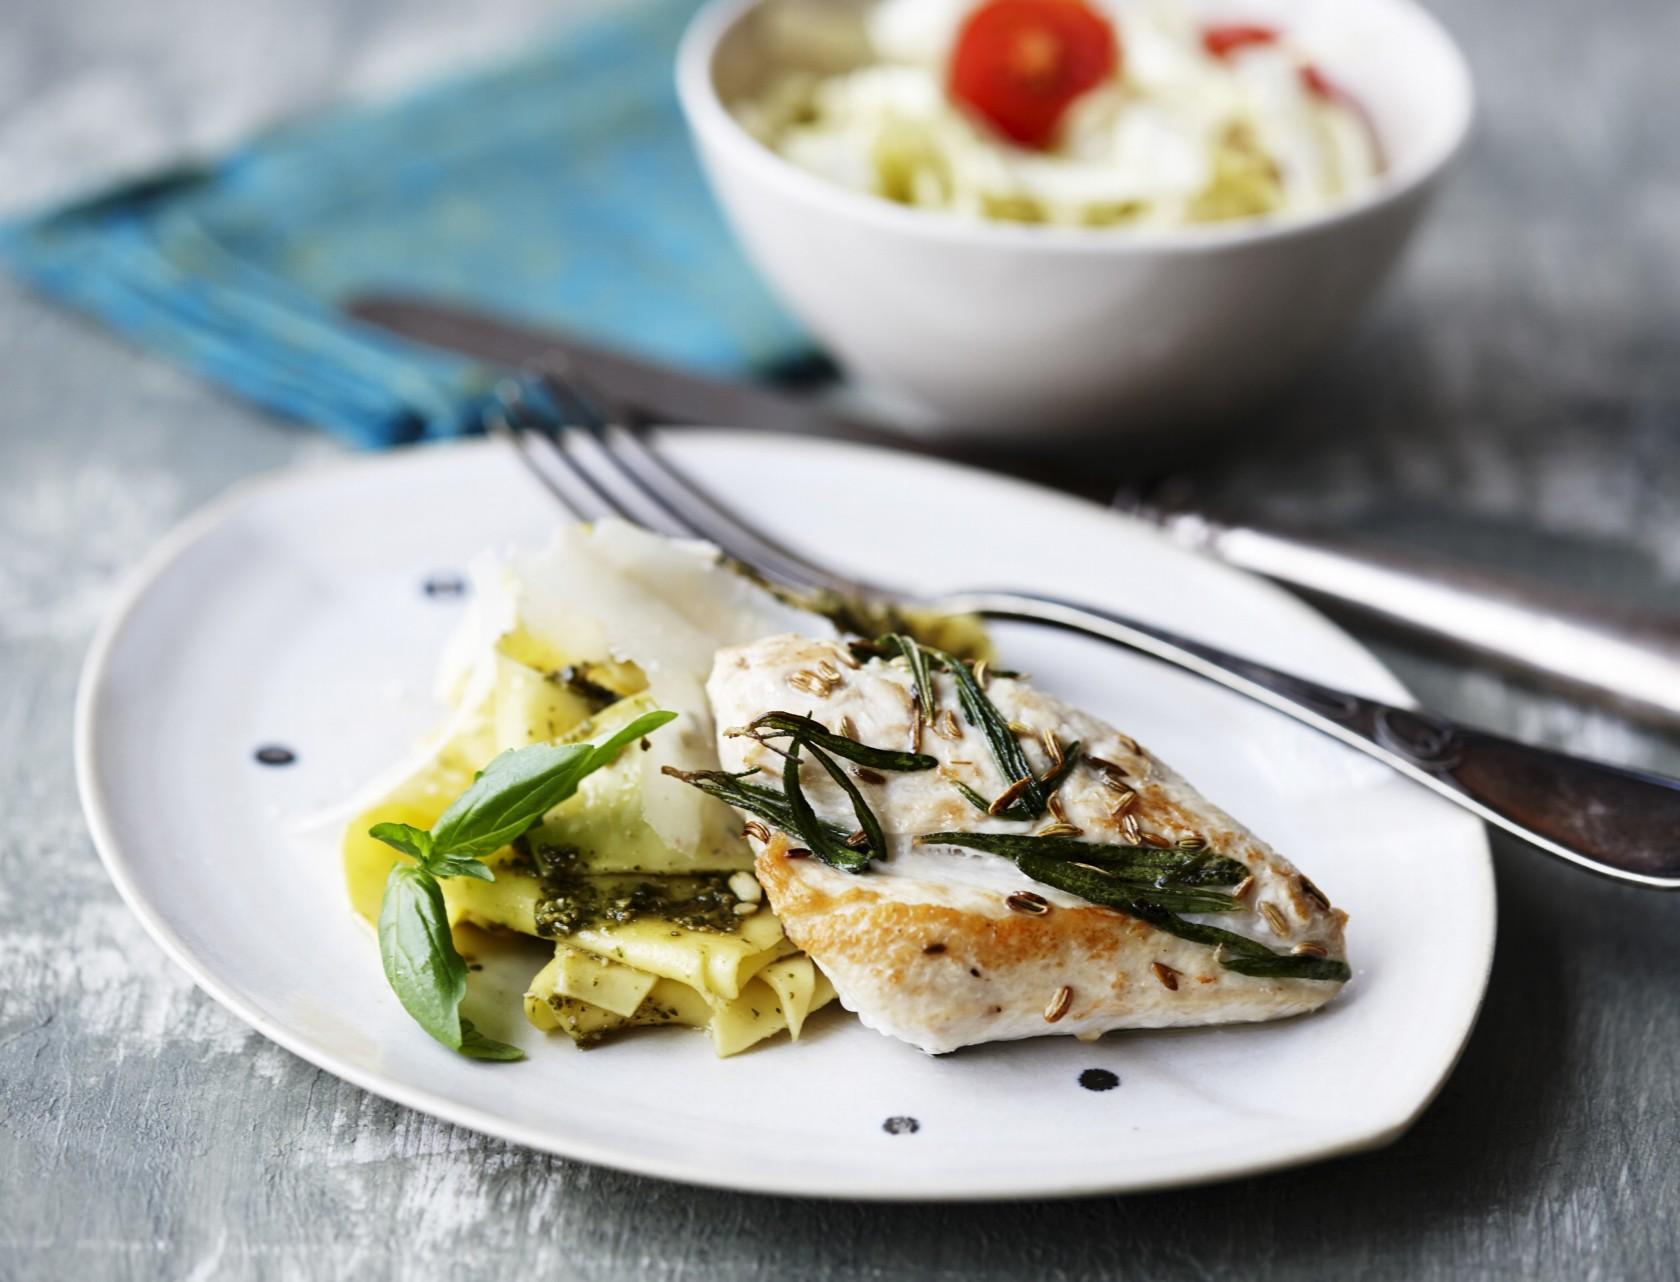 Kylling med rosmarin og pasta med fennikel - det er lige sagen!